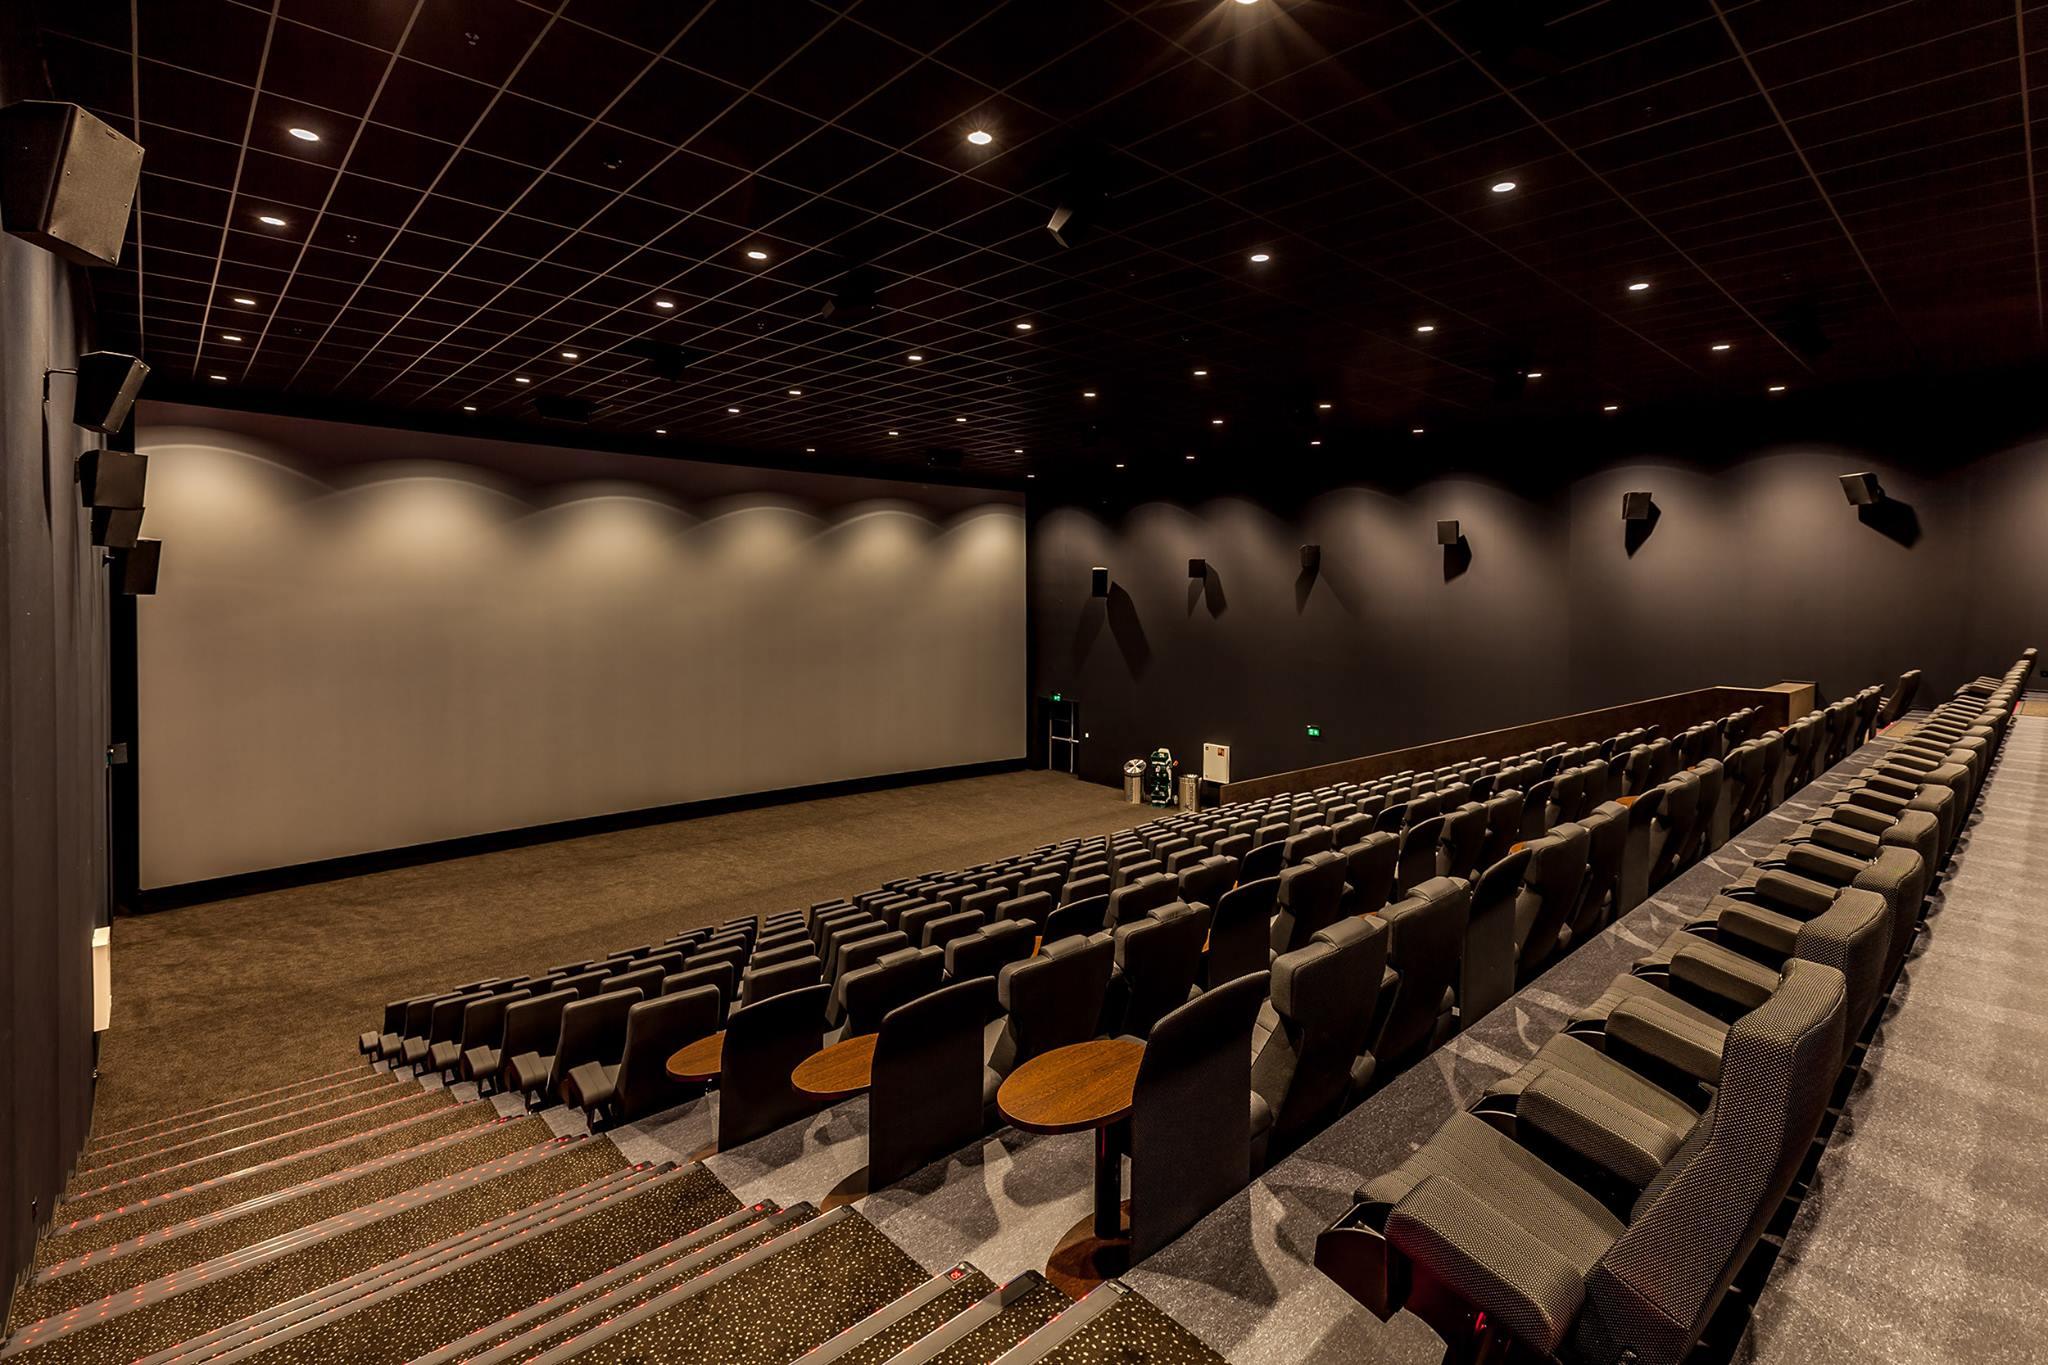 kinepolis haalt superhelden naar de bioscoop tijdens nachtelijke